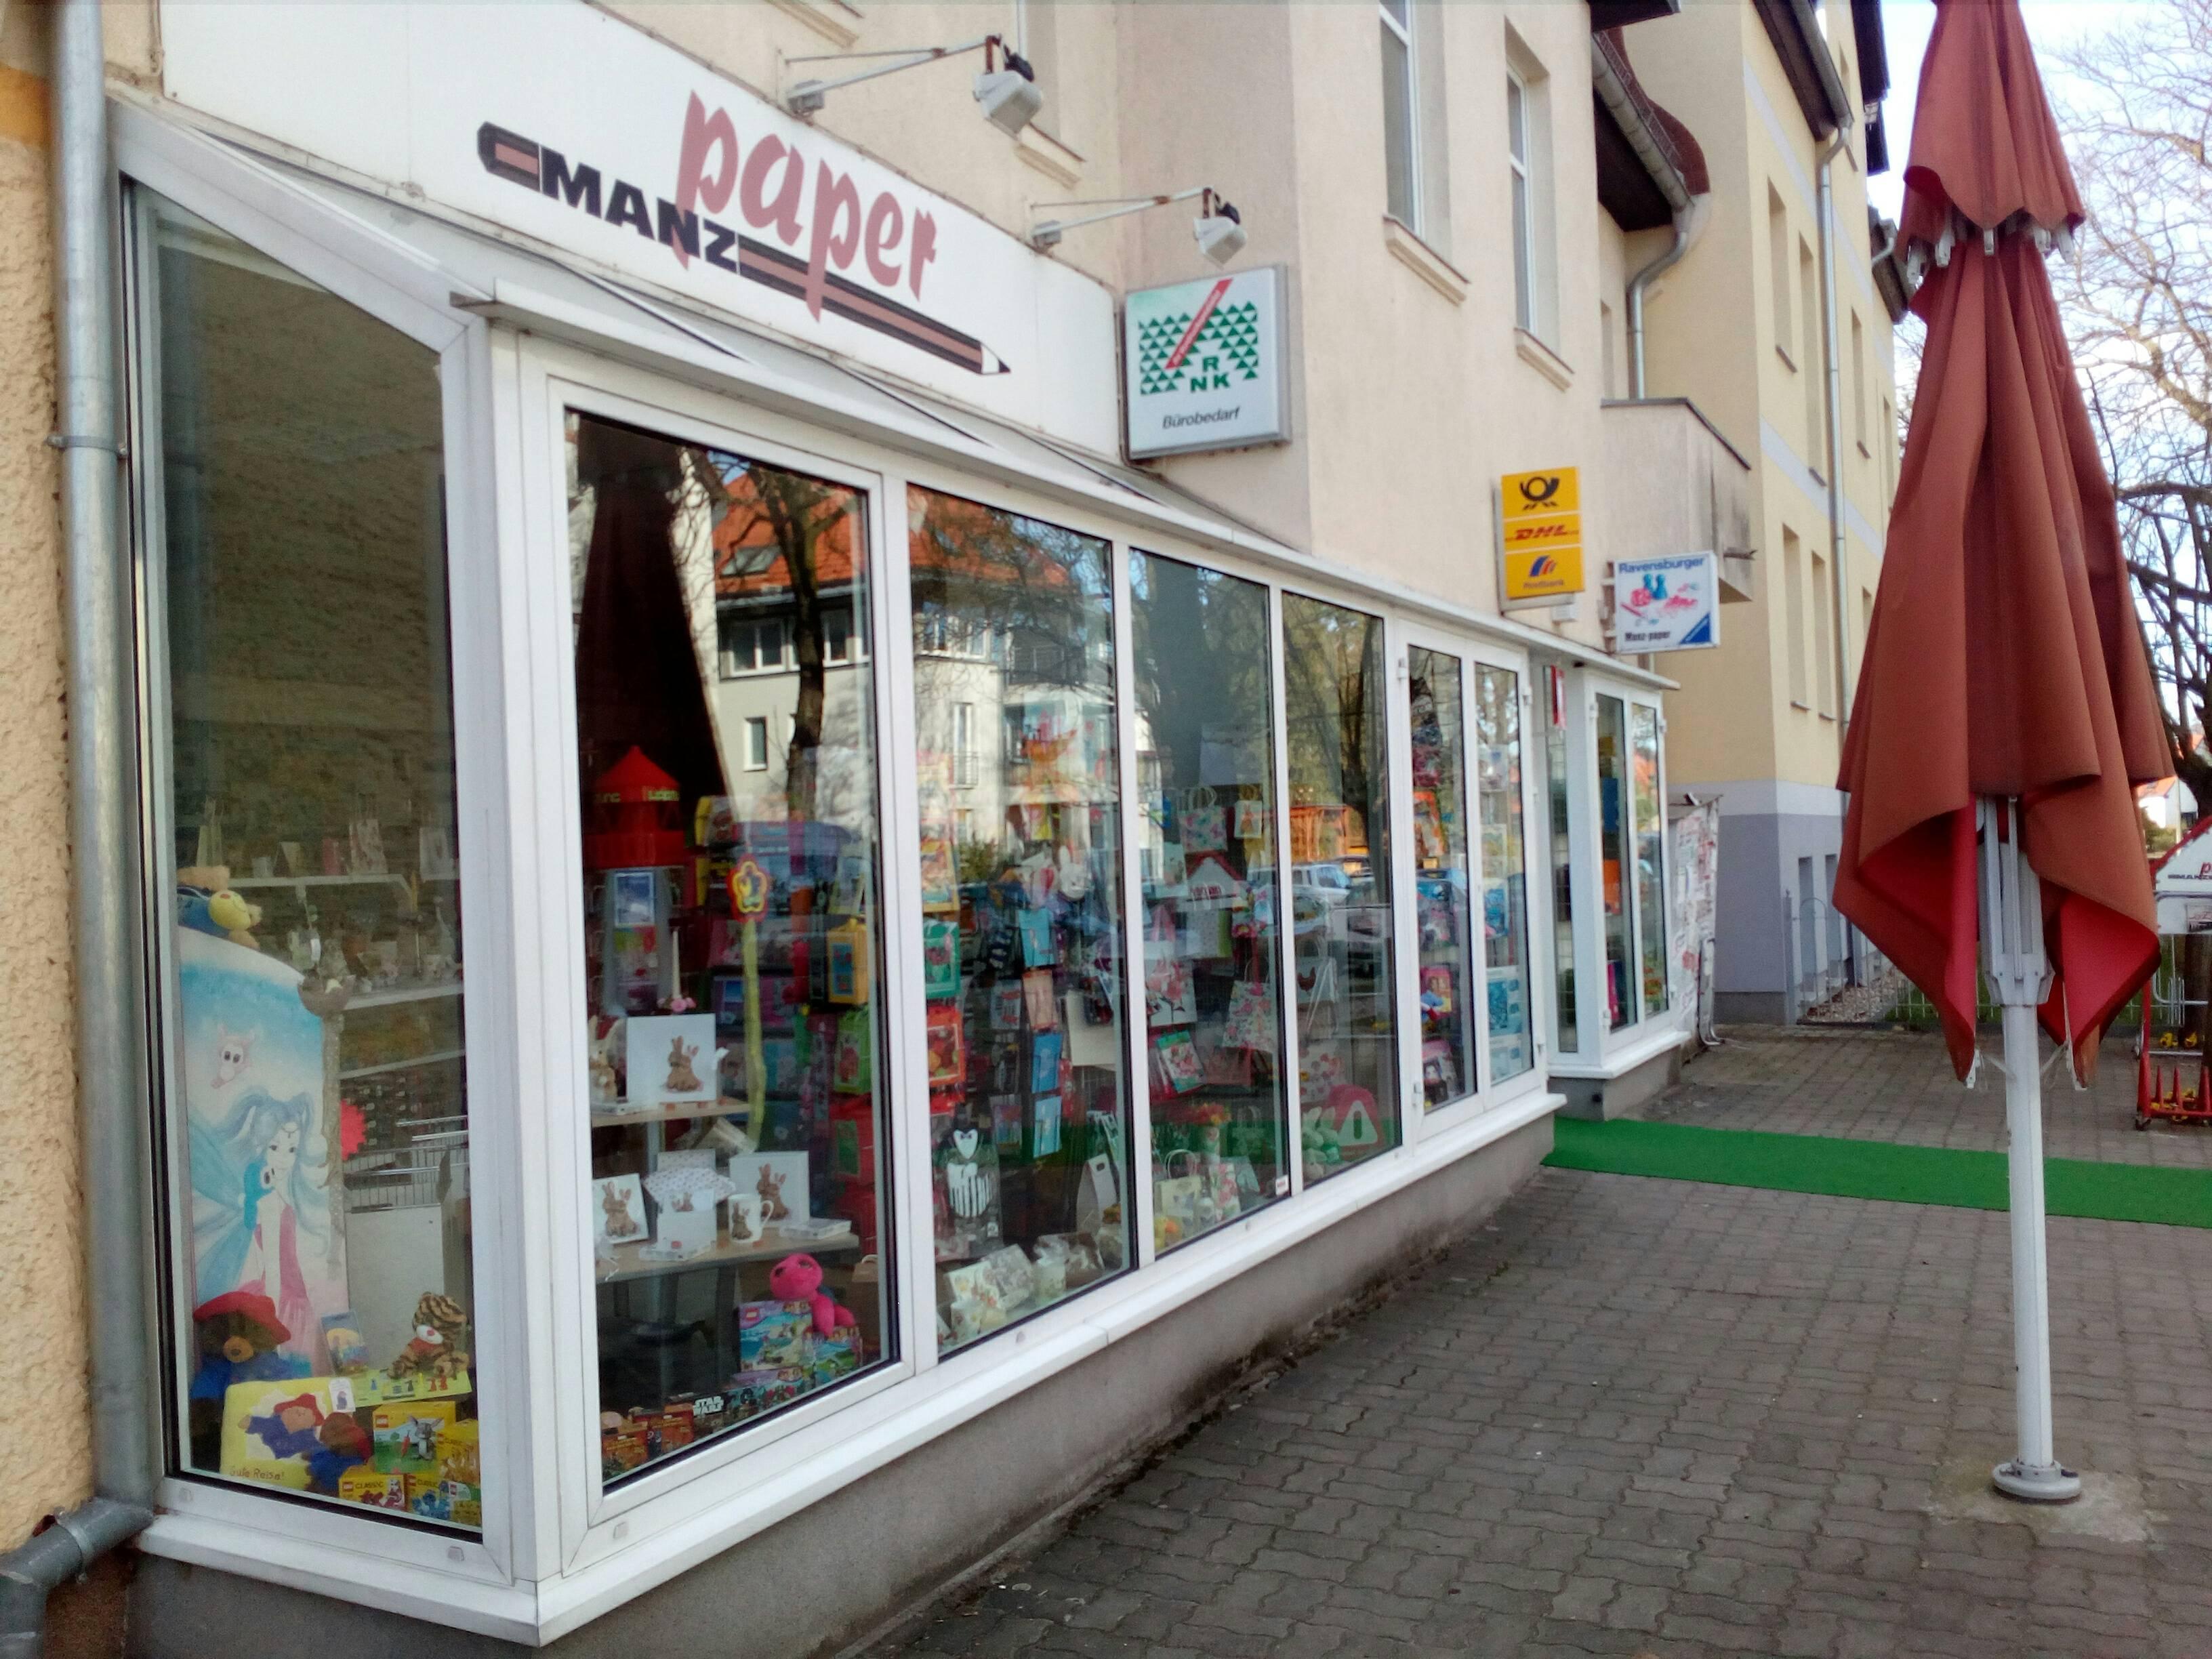 Manz Paper 12589 Berlin Rahnsdorf Adresse Telefon Kontakt